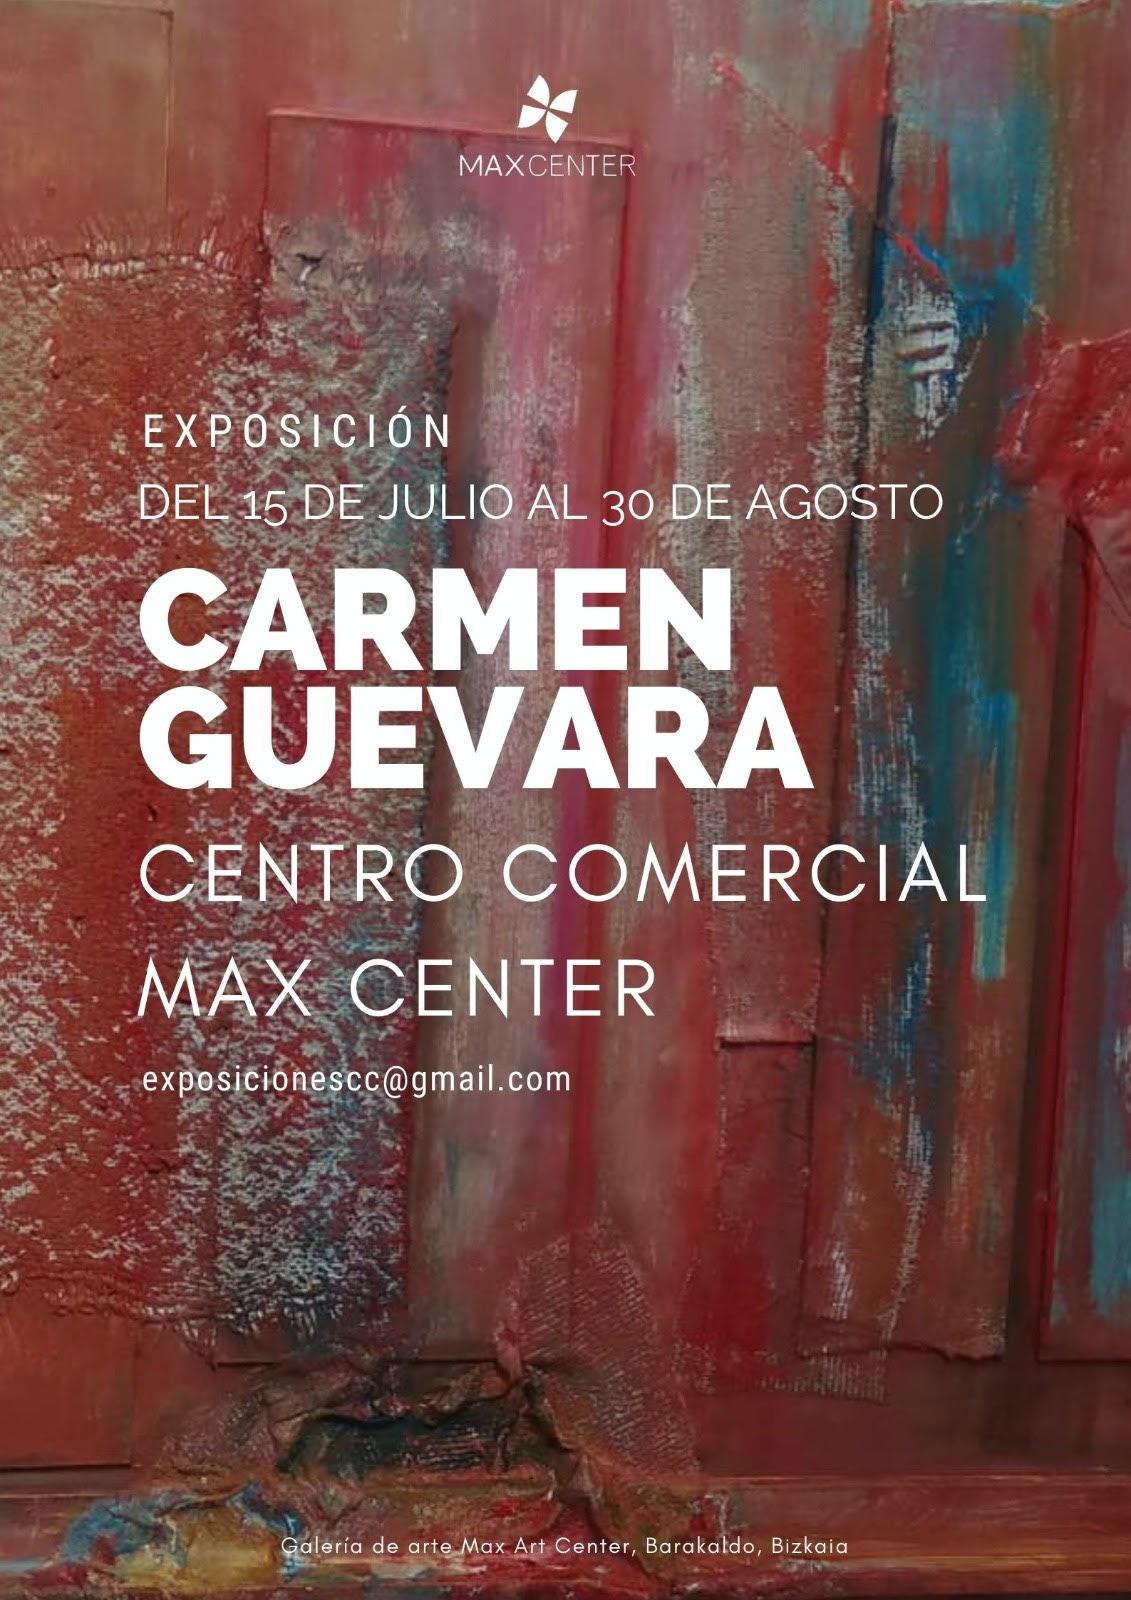 Carmen Guevara exposición